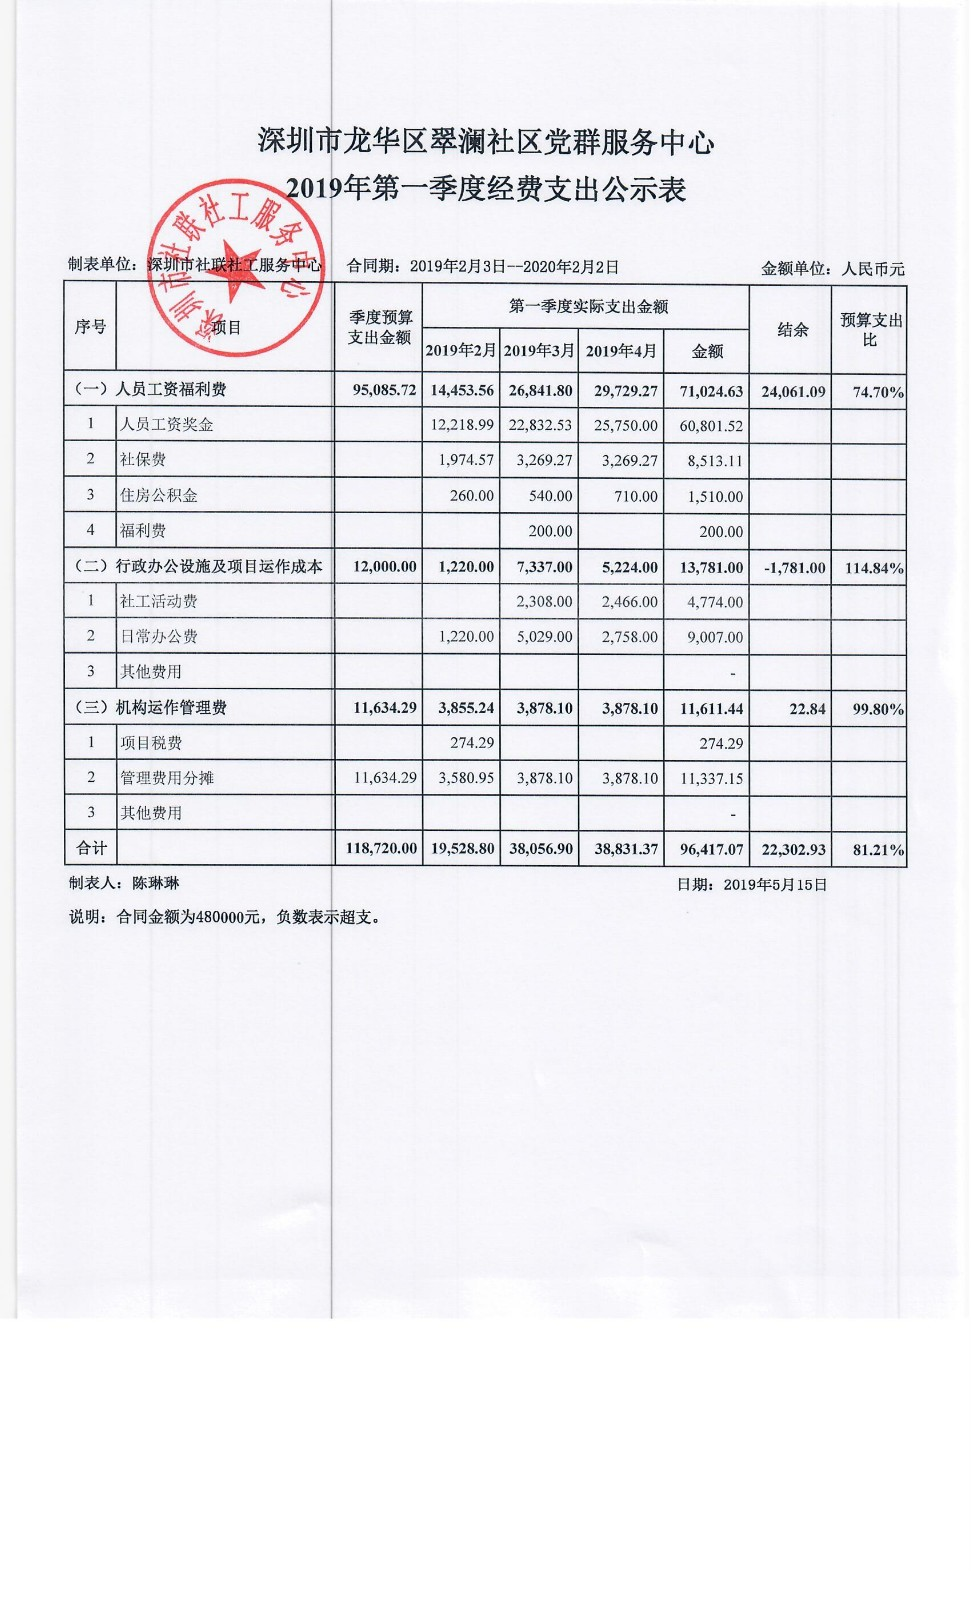 第一季度经费支出公示表-翠澜社区2019